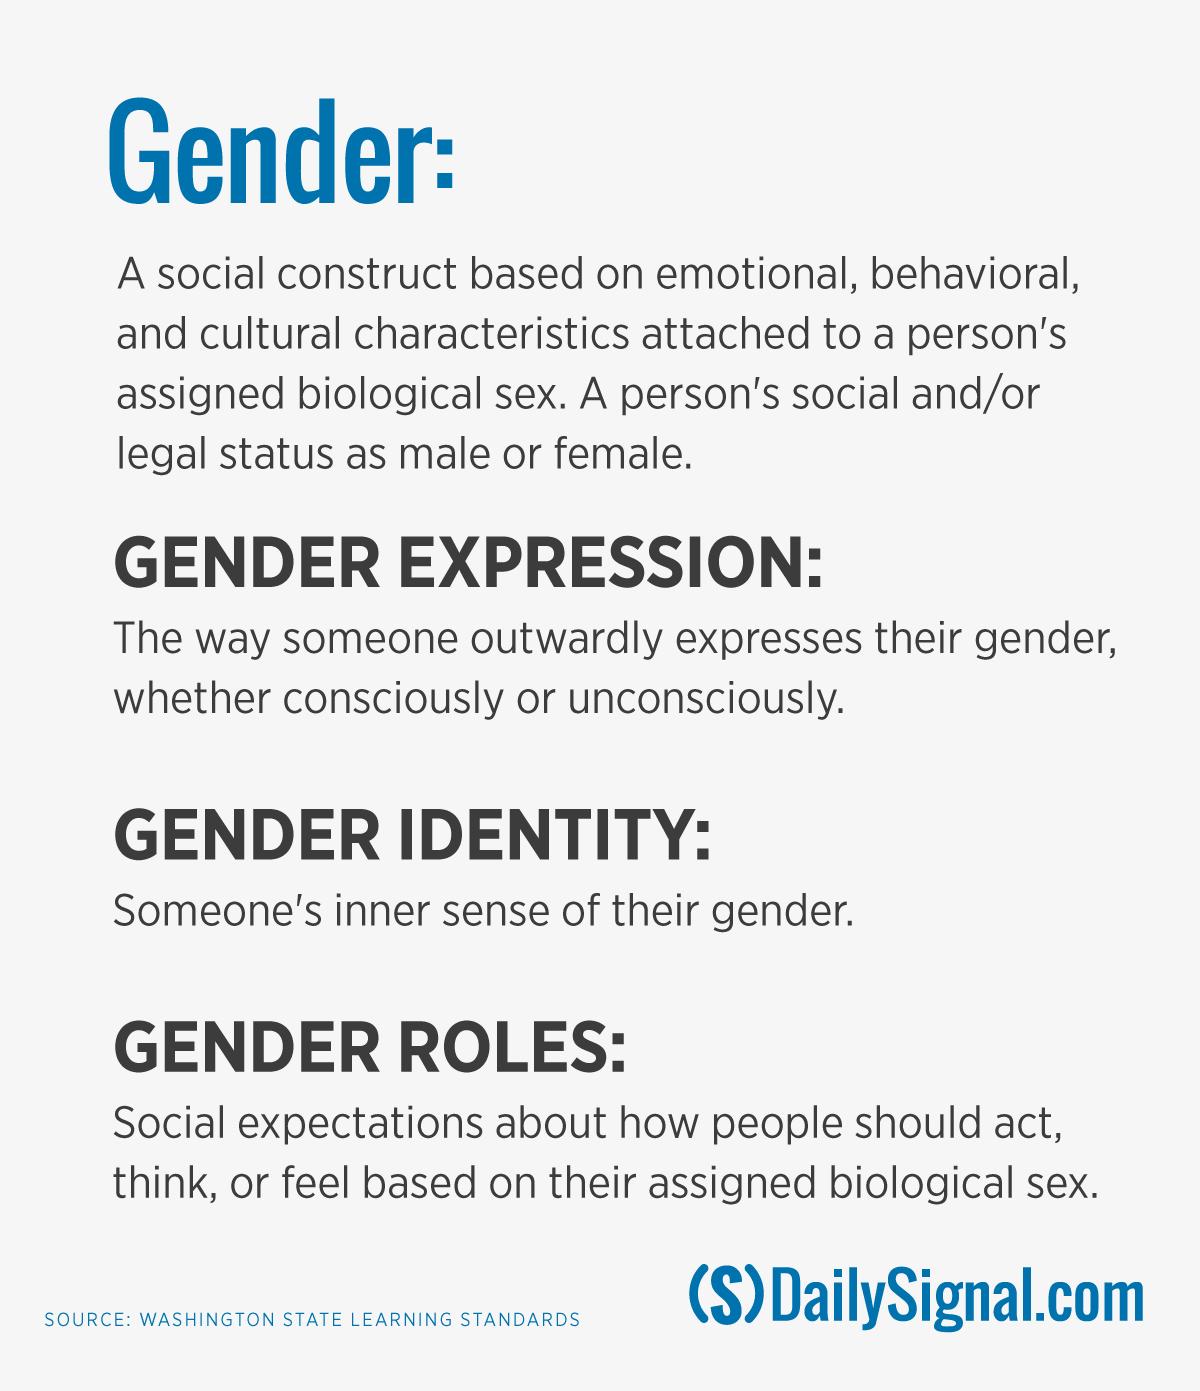 K 12 Gender Identity Standards Surprise Parents